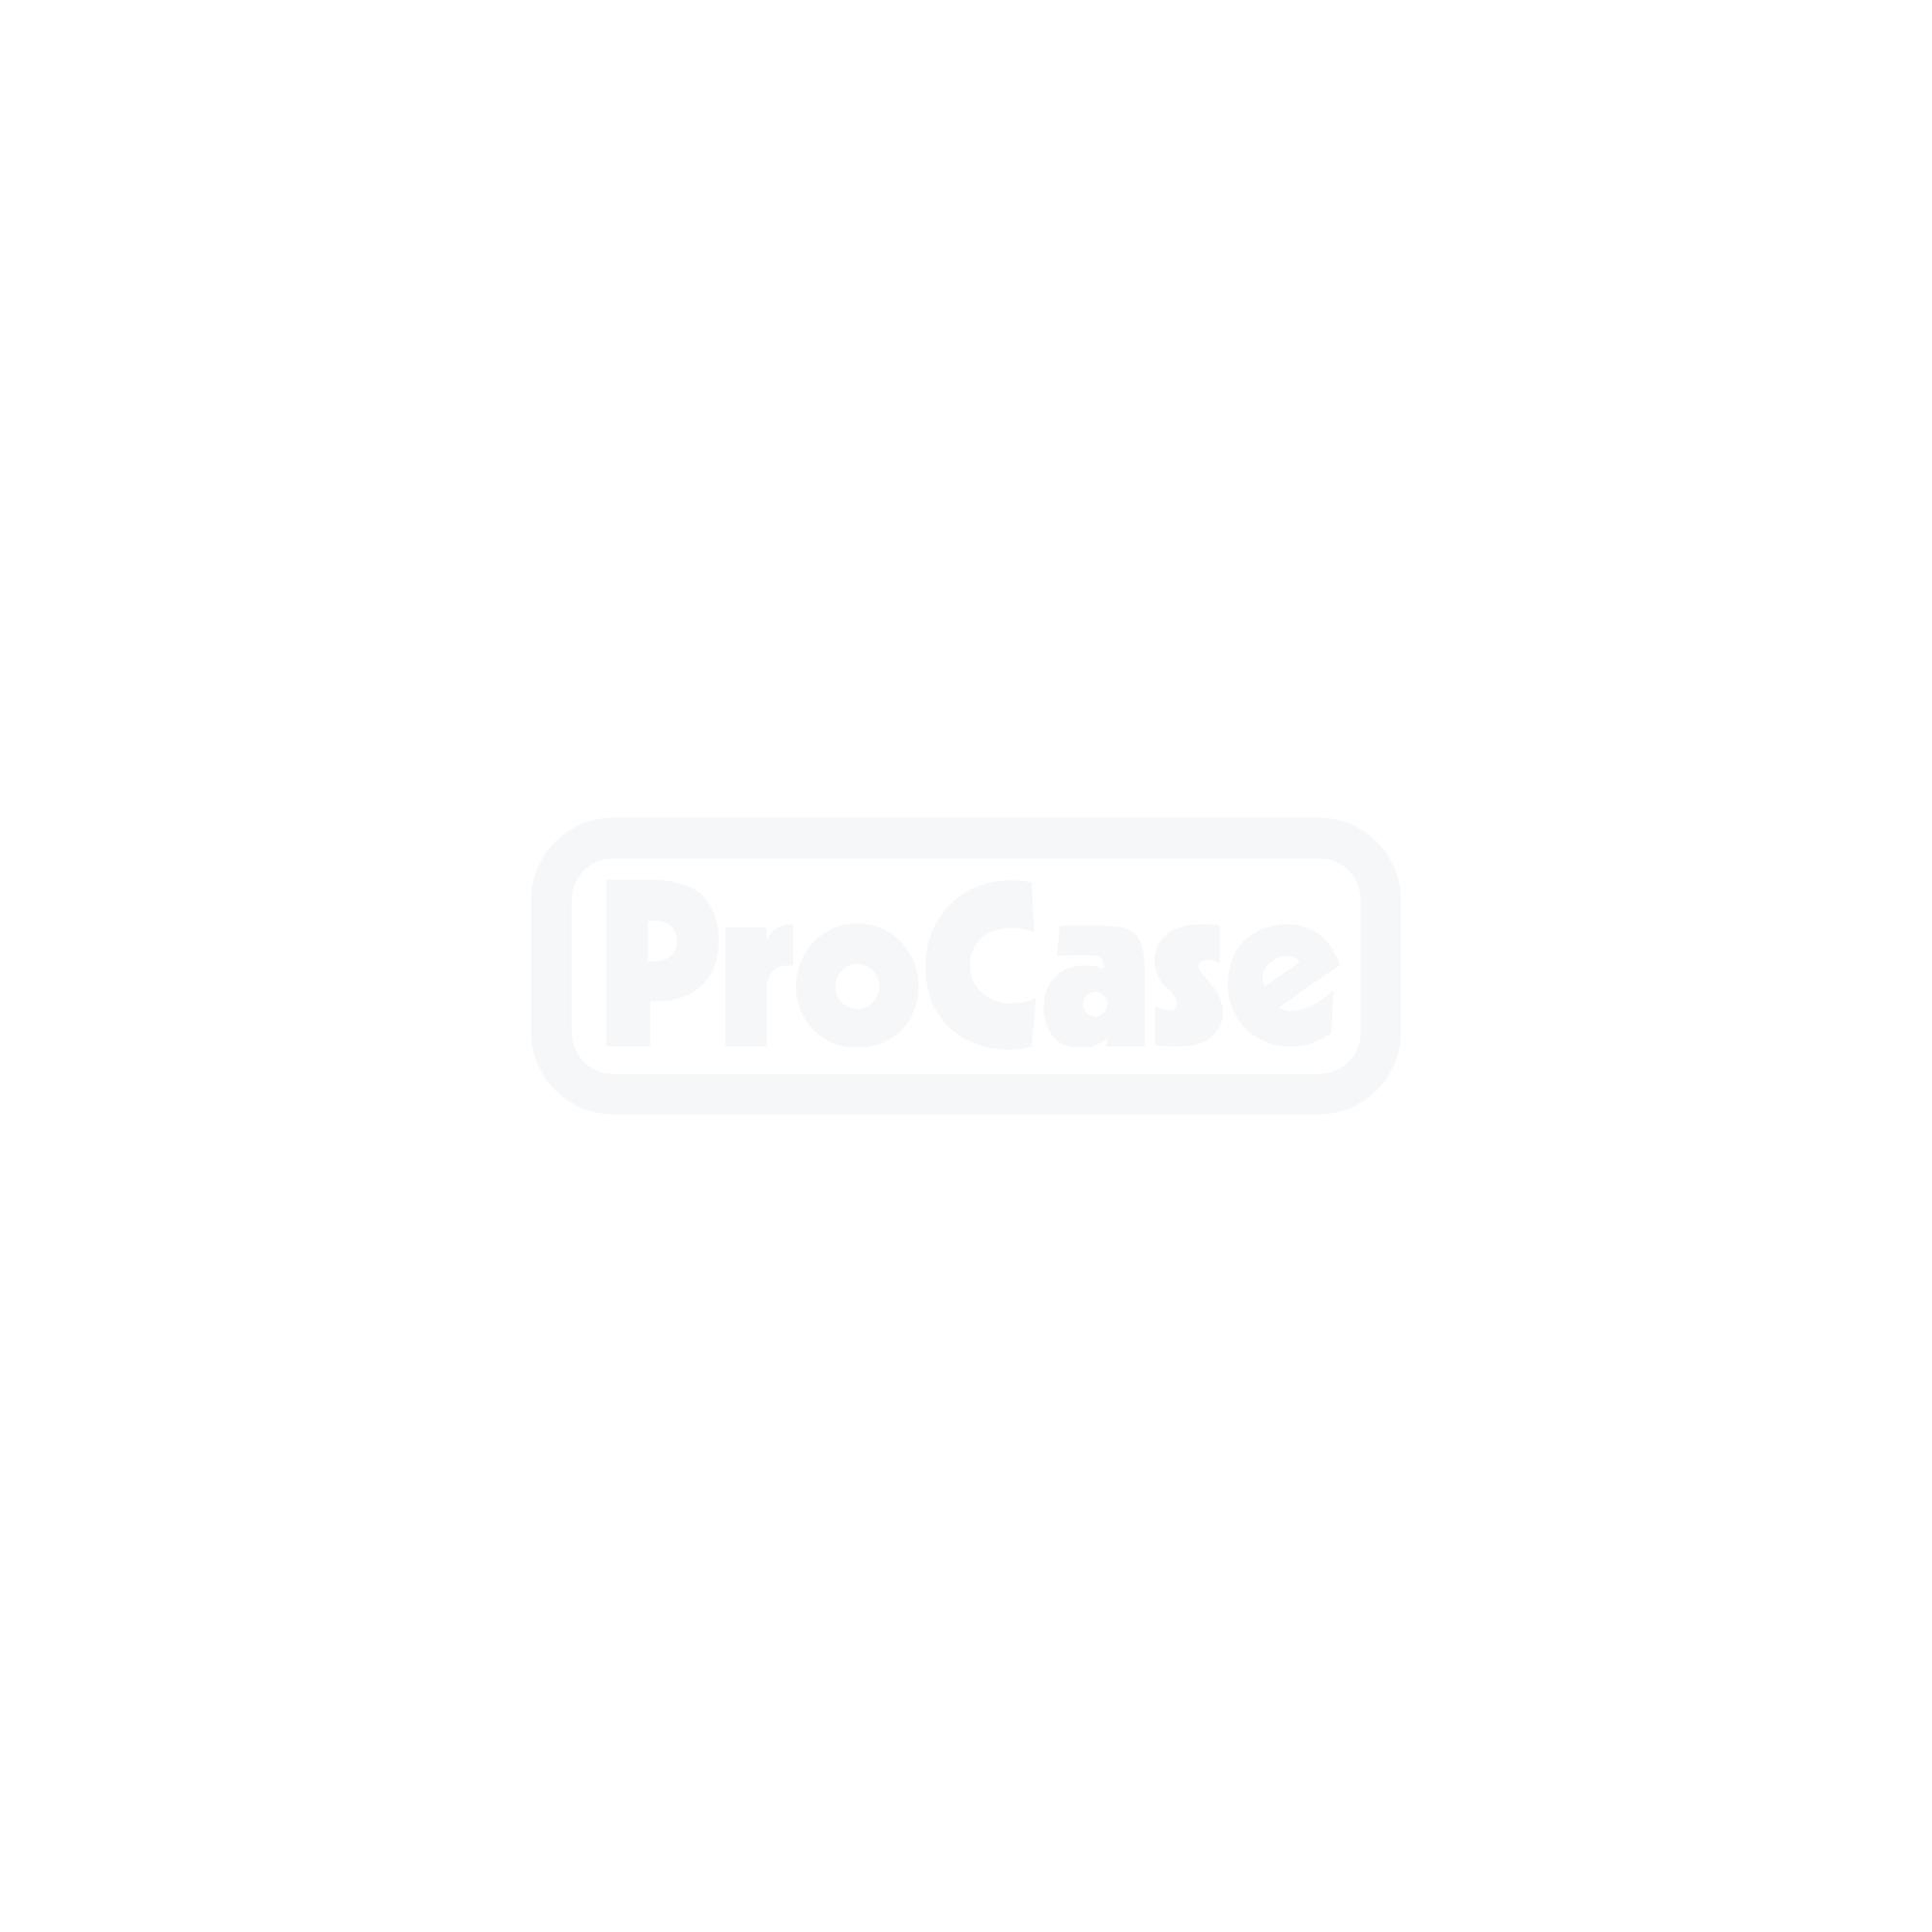 Transportkoffer für Zeiss OPMI Pico Mikroskop